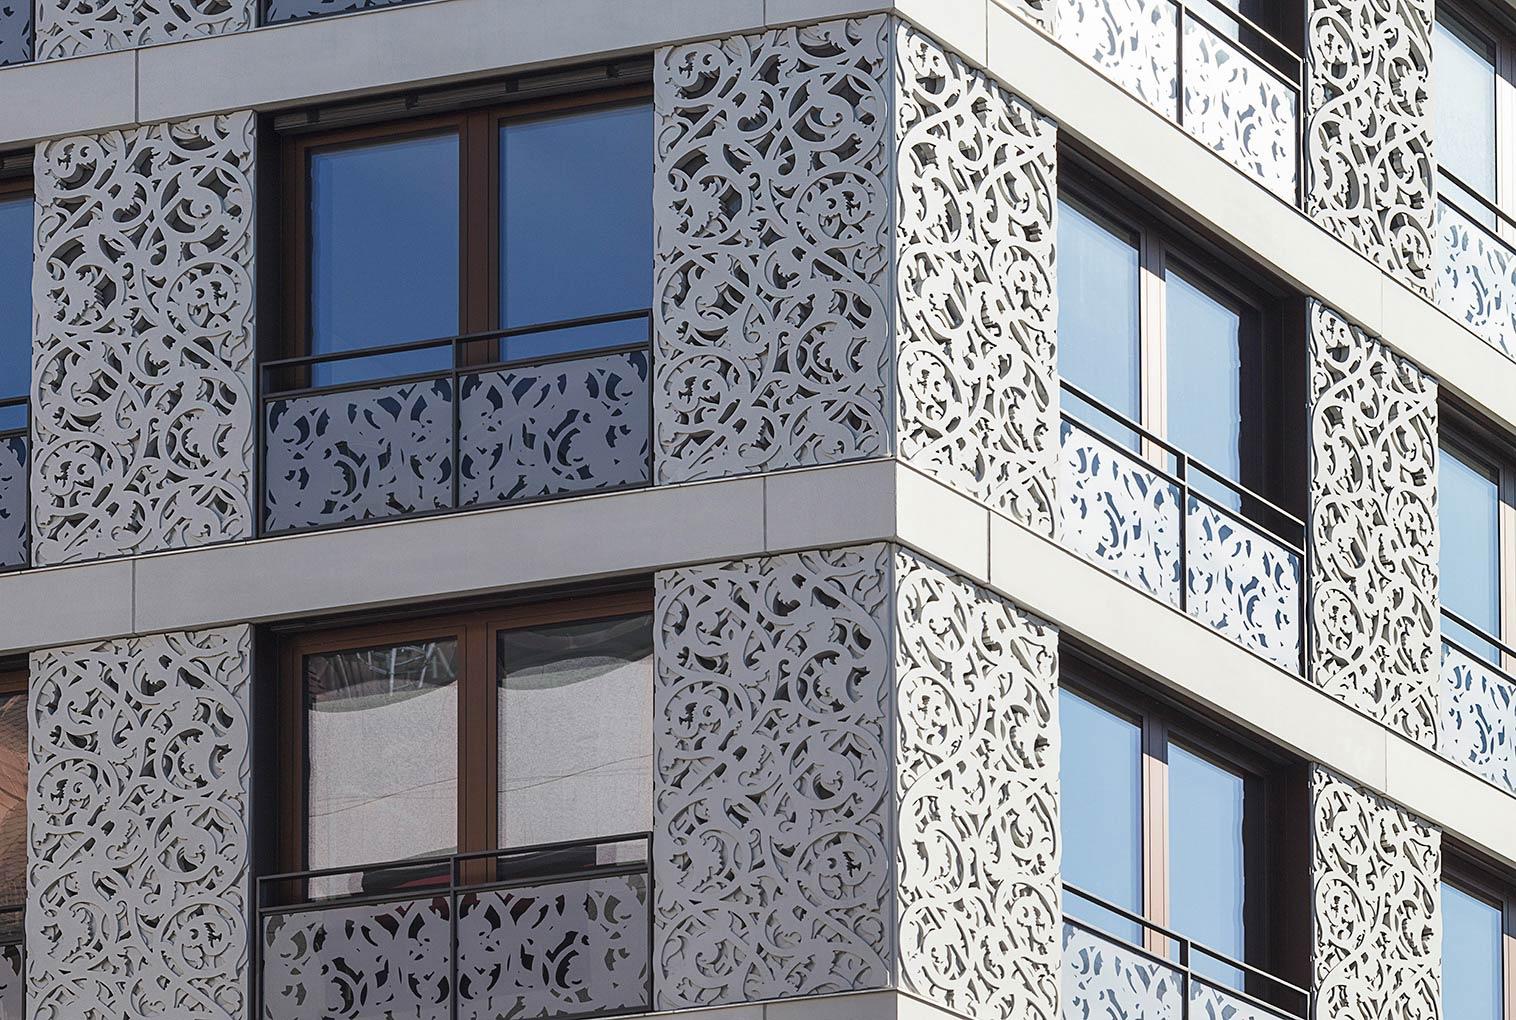 Besondere Architektur mitten in München, Fotografie Gabriel Büchelmeier aus München